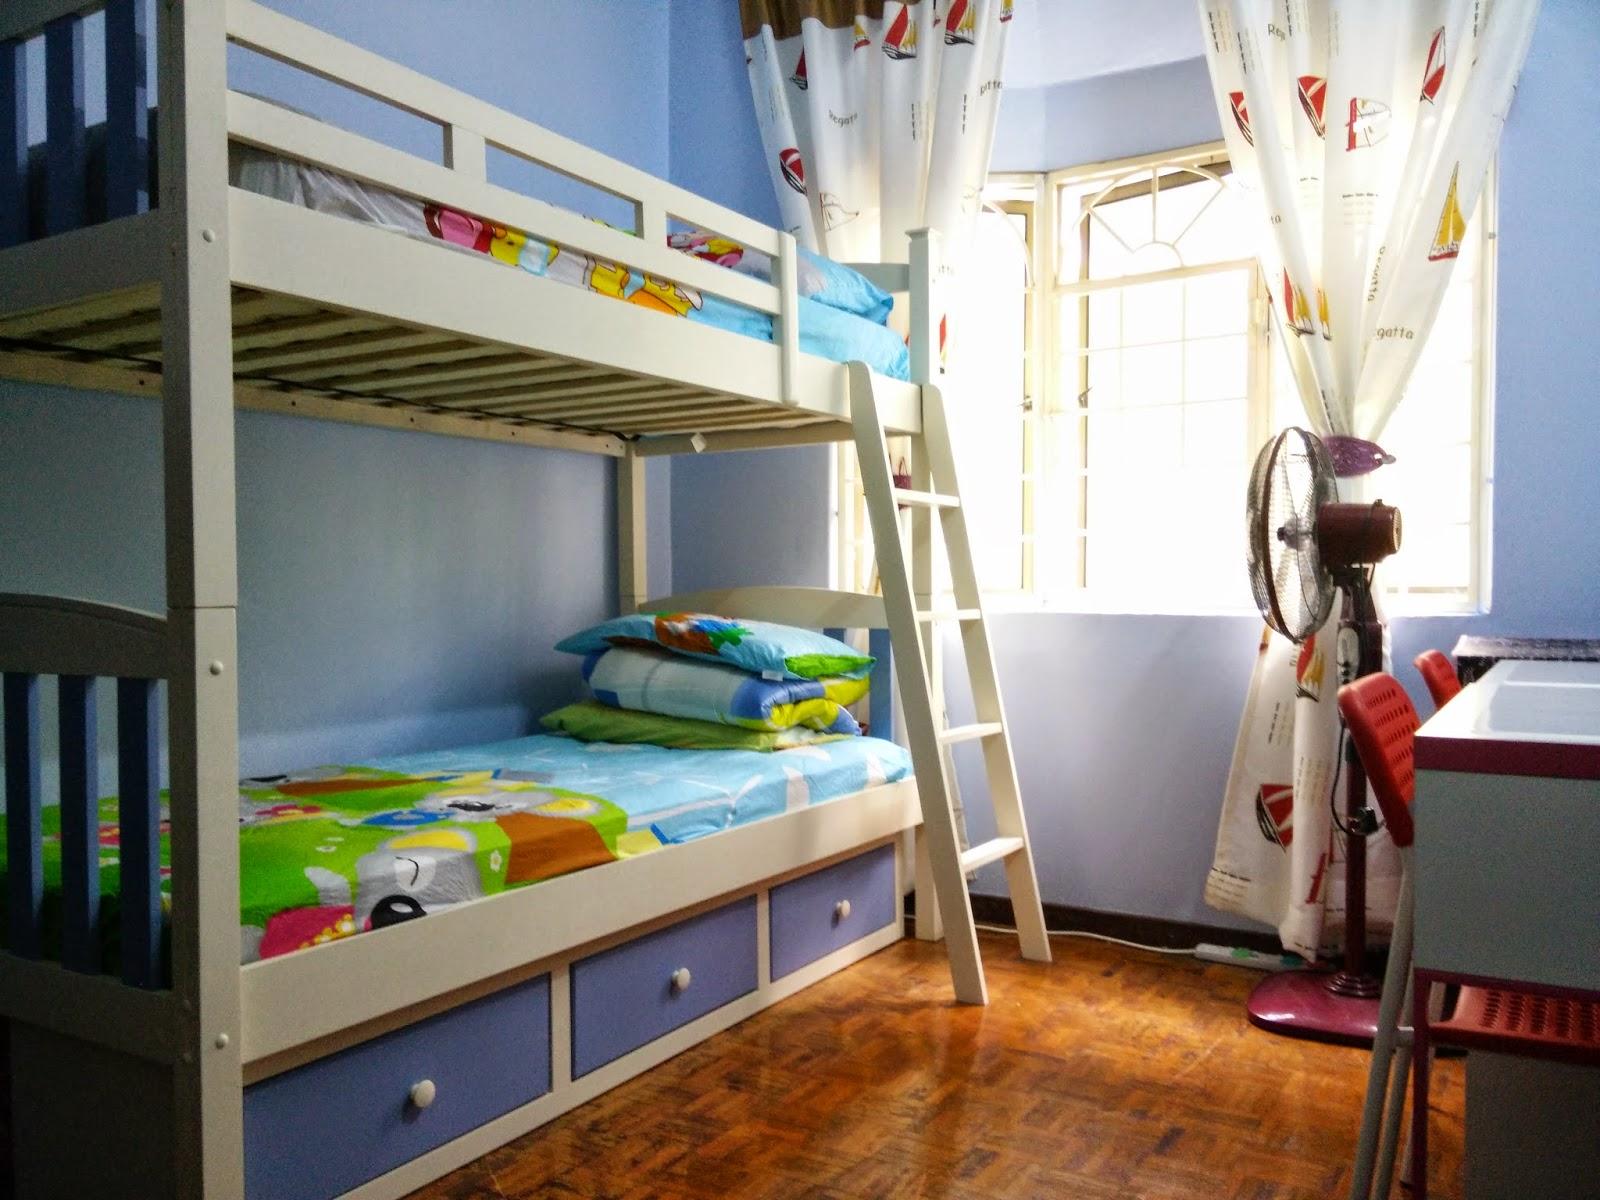 Katil 2 Tingkat Credit To Maju Home One Stop Furniture Mall Rm1350 Tidak Termasuk Harga Tilam